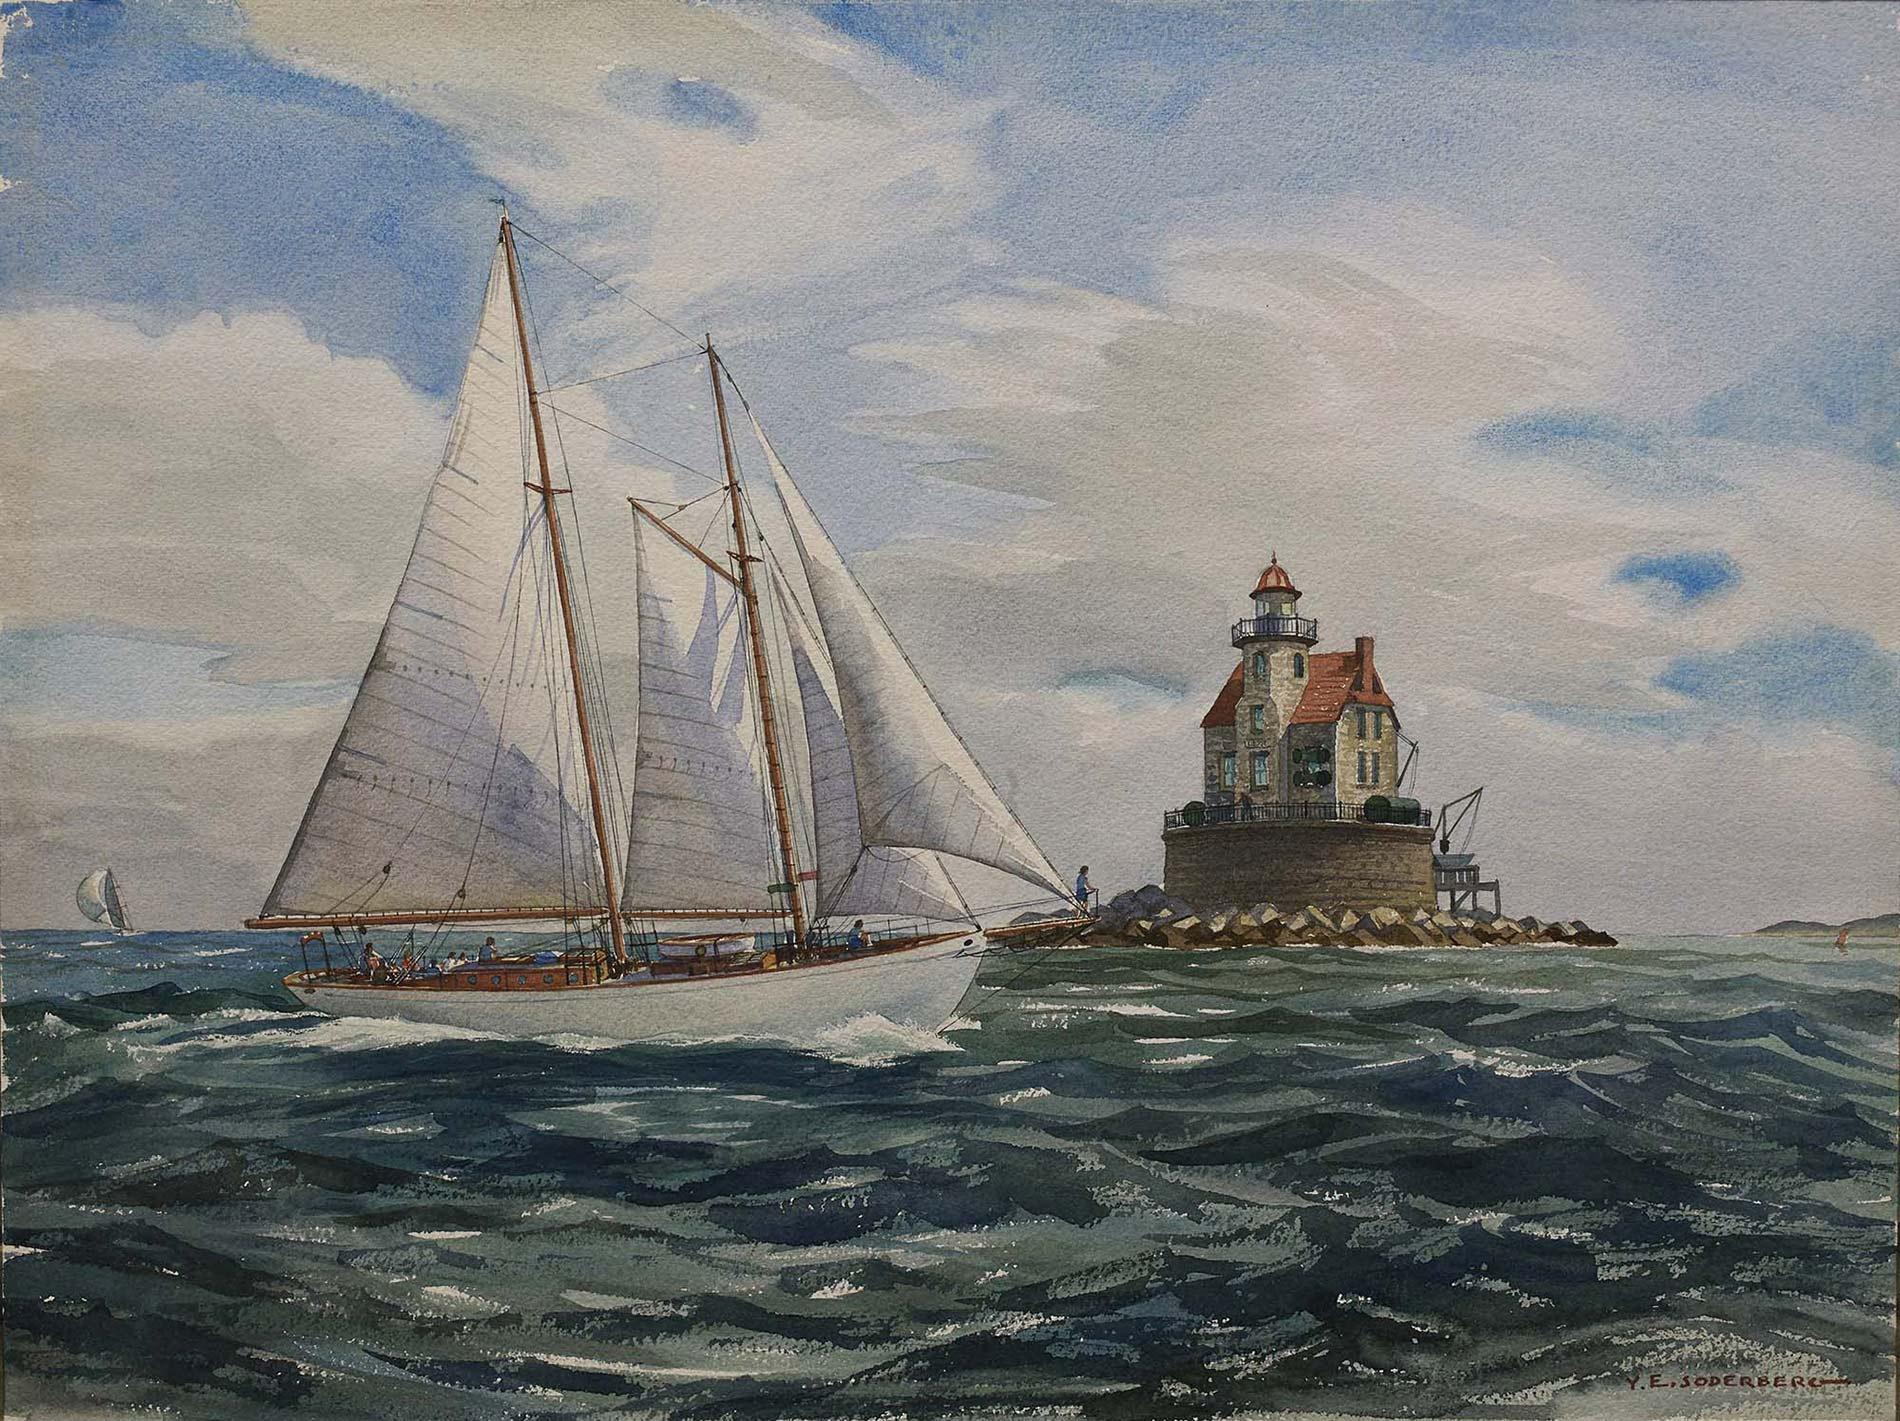 Schooner yacht Brilliant.